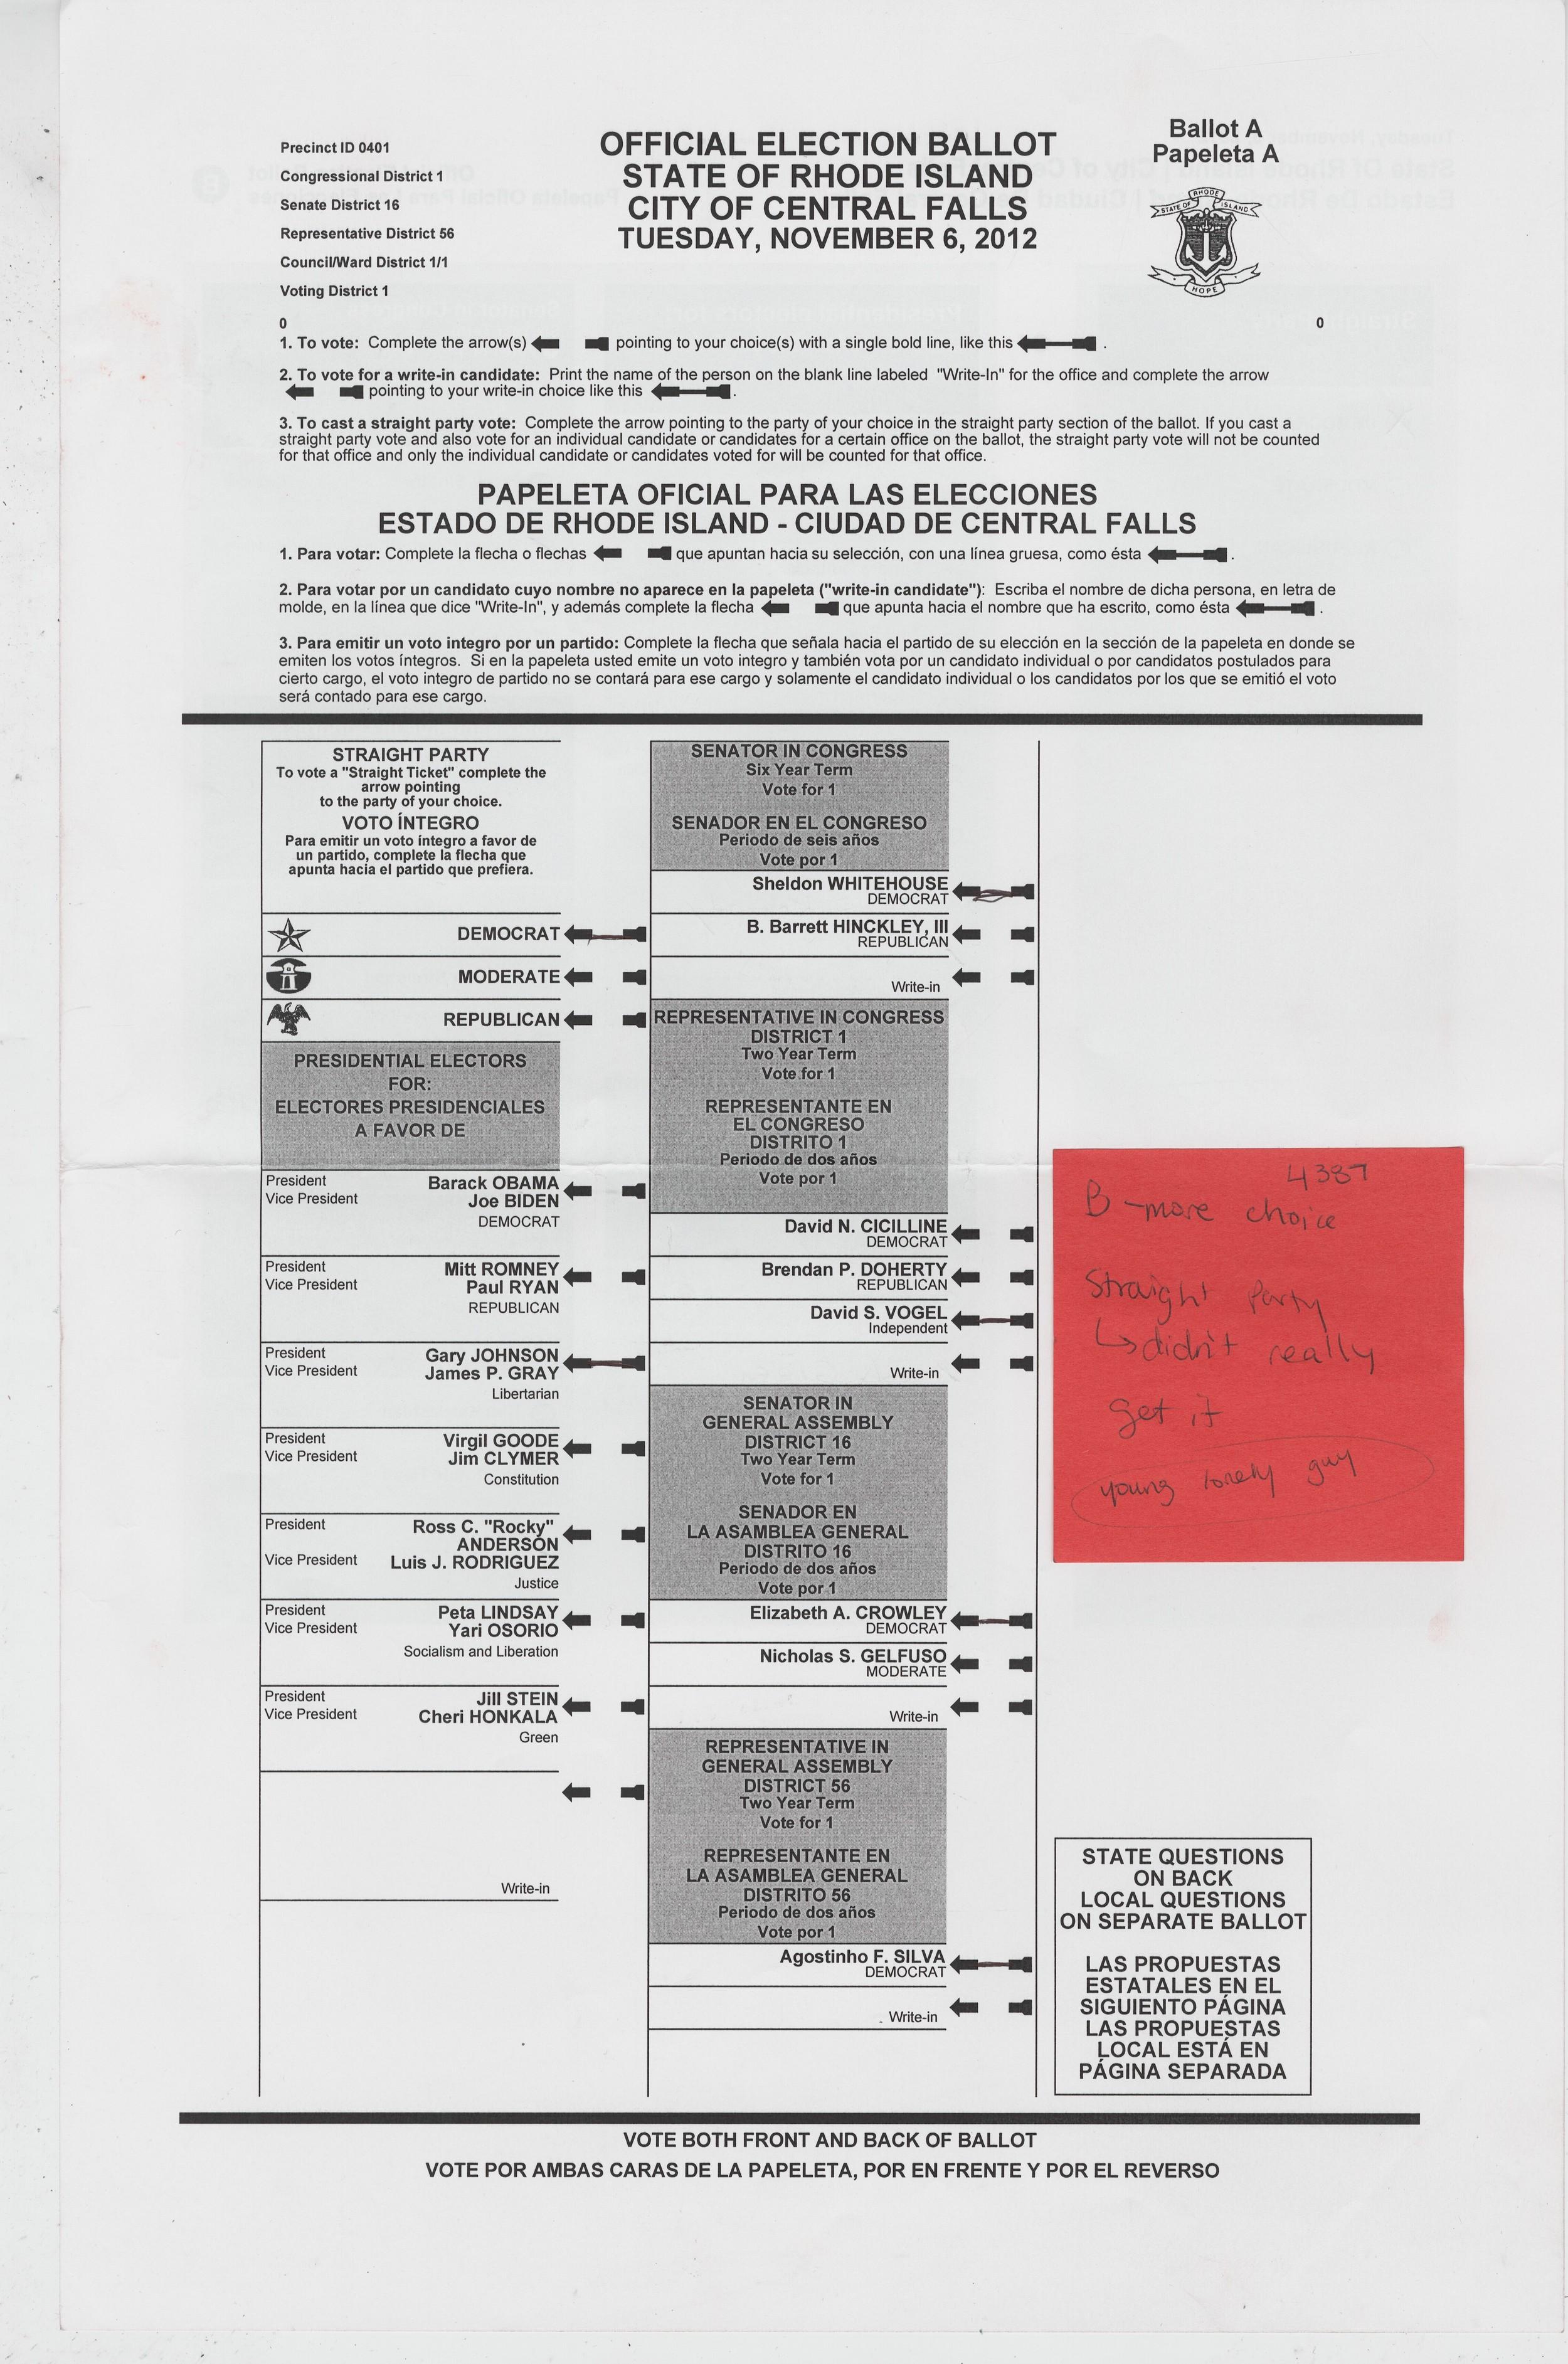 ballot_06a.jpg